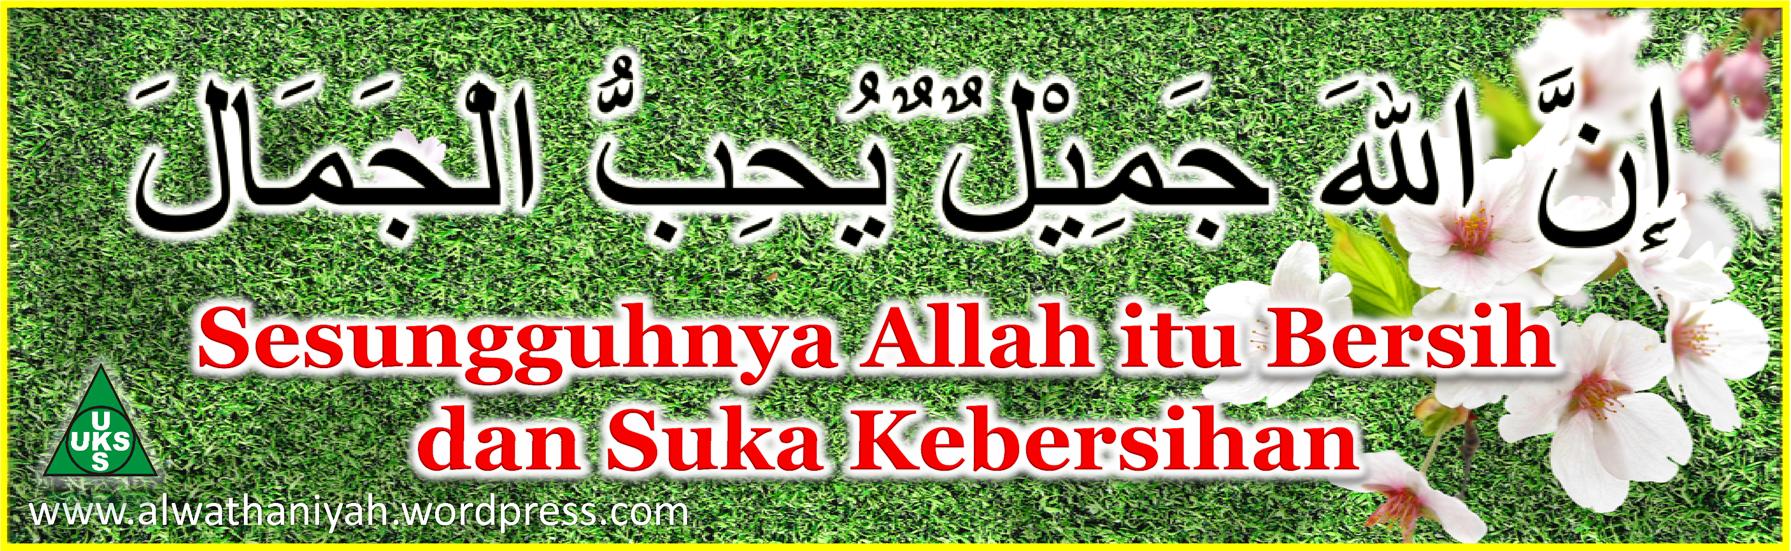 slogan uks tulisan banner kata mutiara mi islamiyah